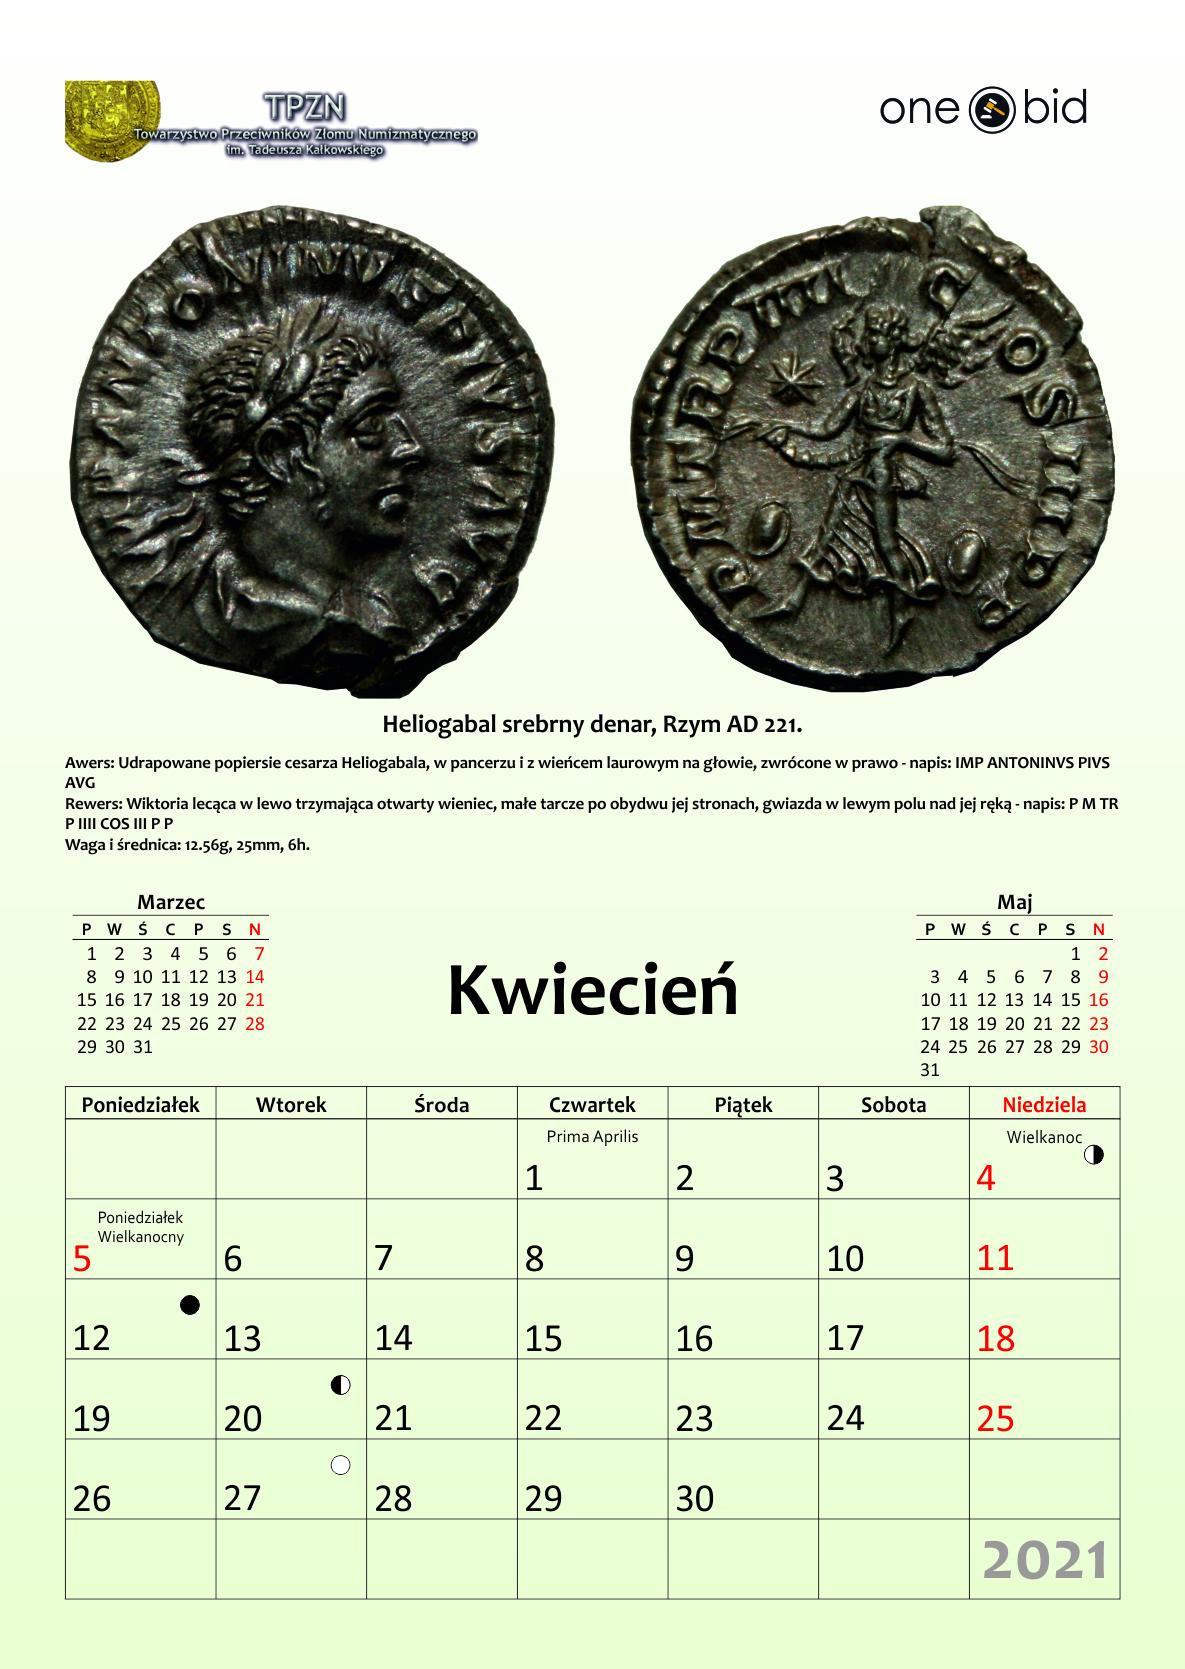 http://info.tpzn.pl/kalendarze/kalendarz2021/kwiecien2021.jpg